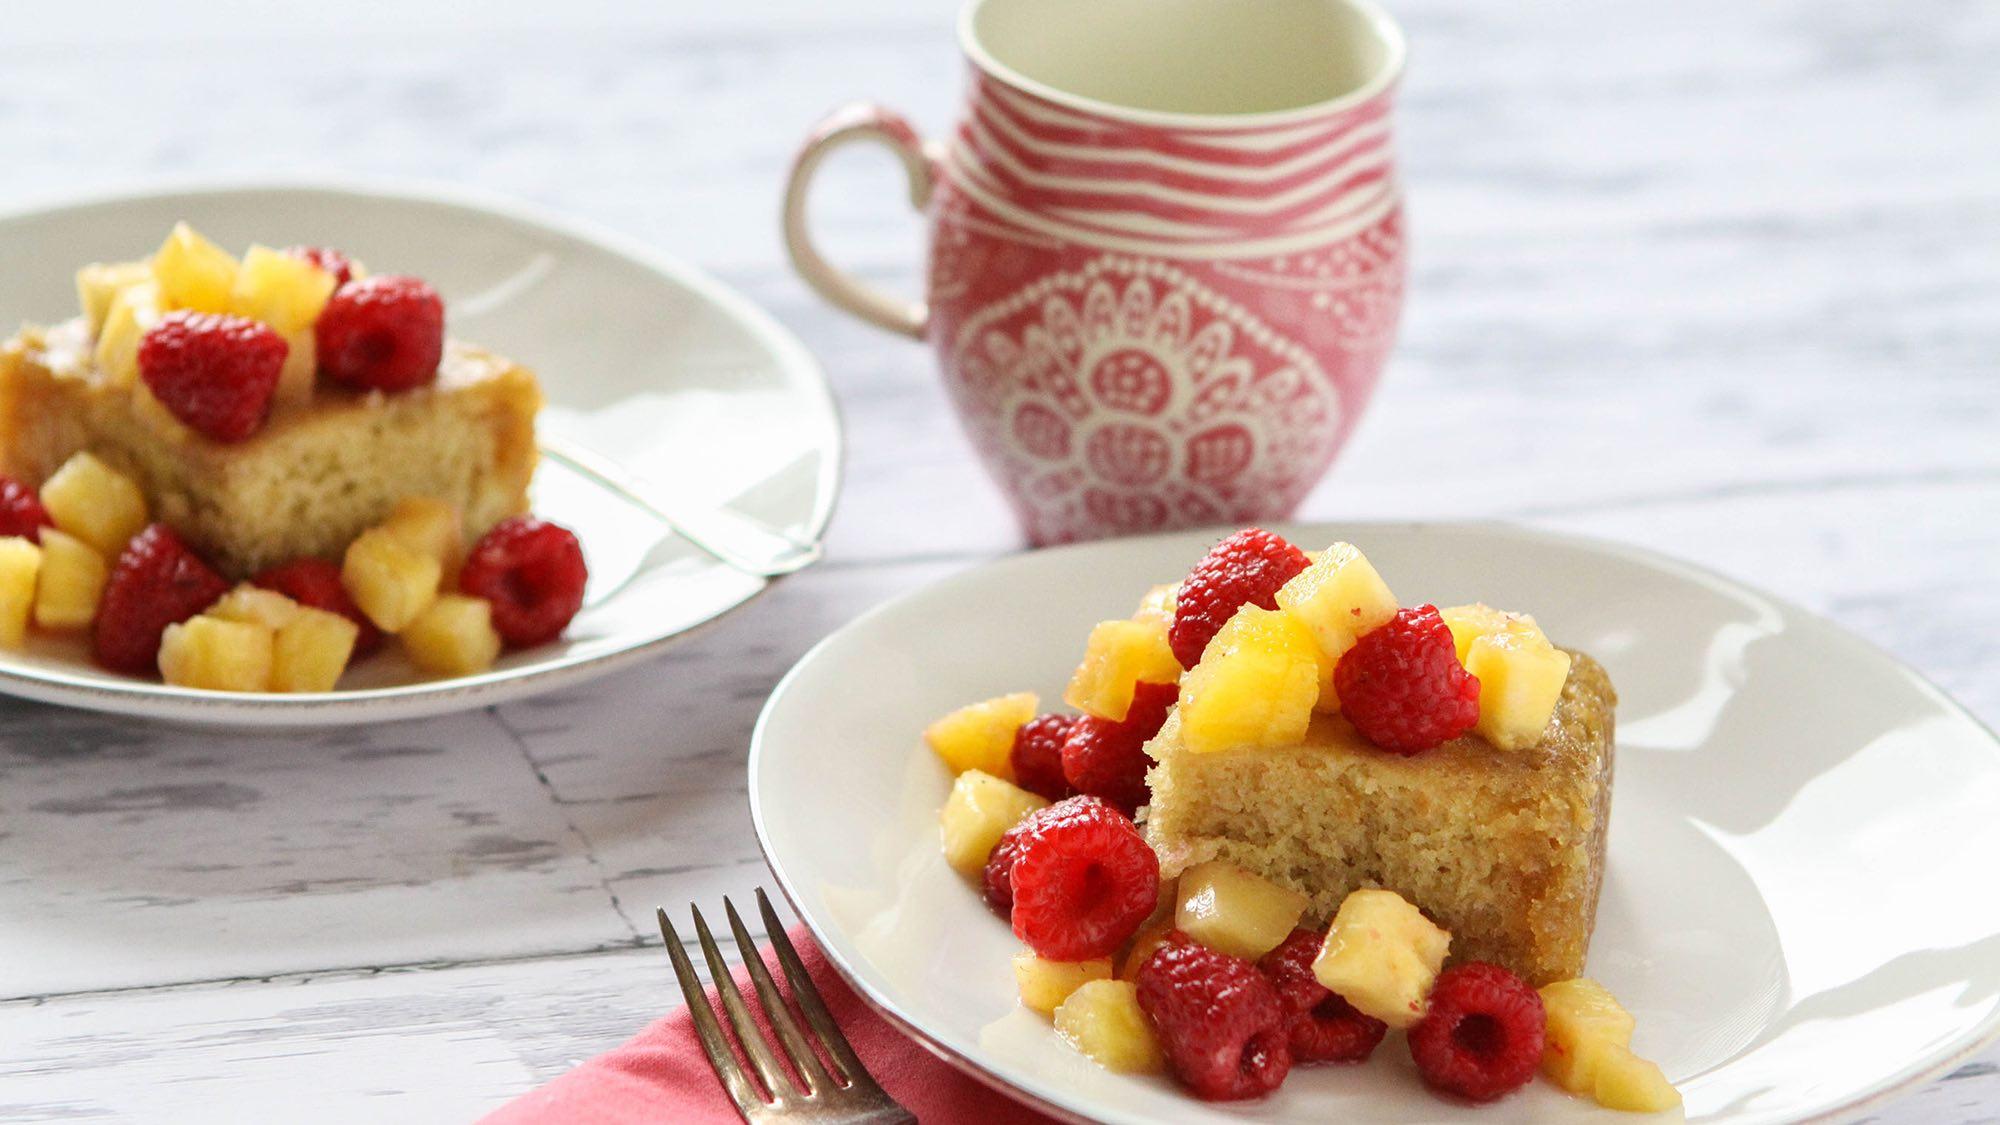 vanilla-buttermilk-cake-with-brown-butter-sauce-good-life-eats.jpg